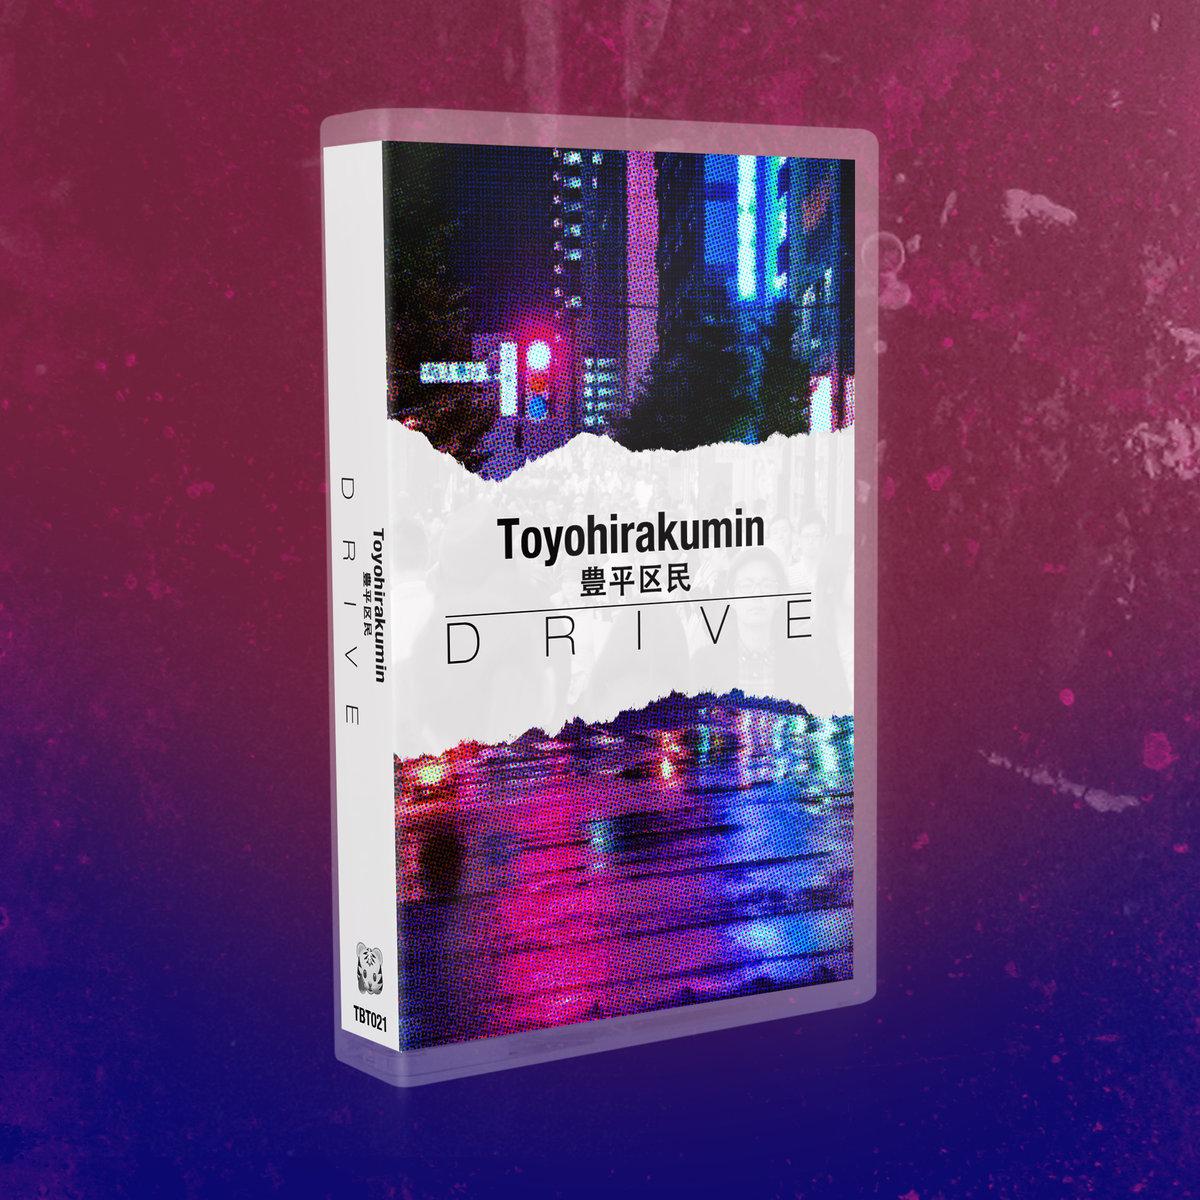 DRIVE by 豊平区民TOYOHIRAKUMIN (Cassette) 9